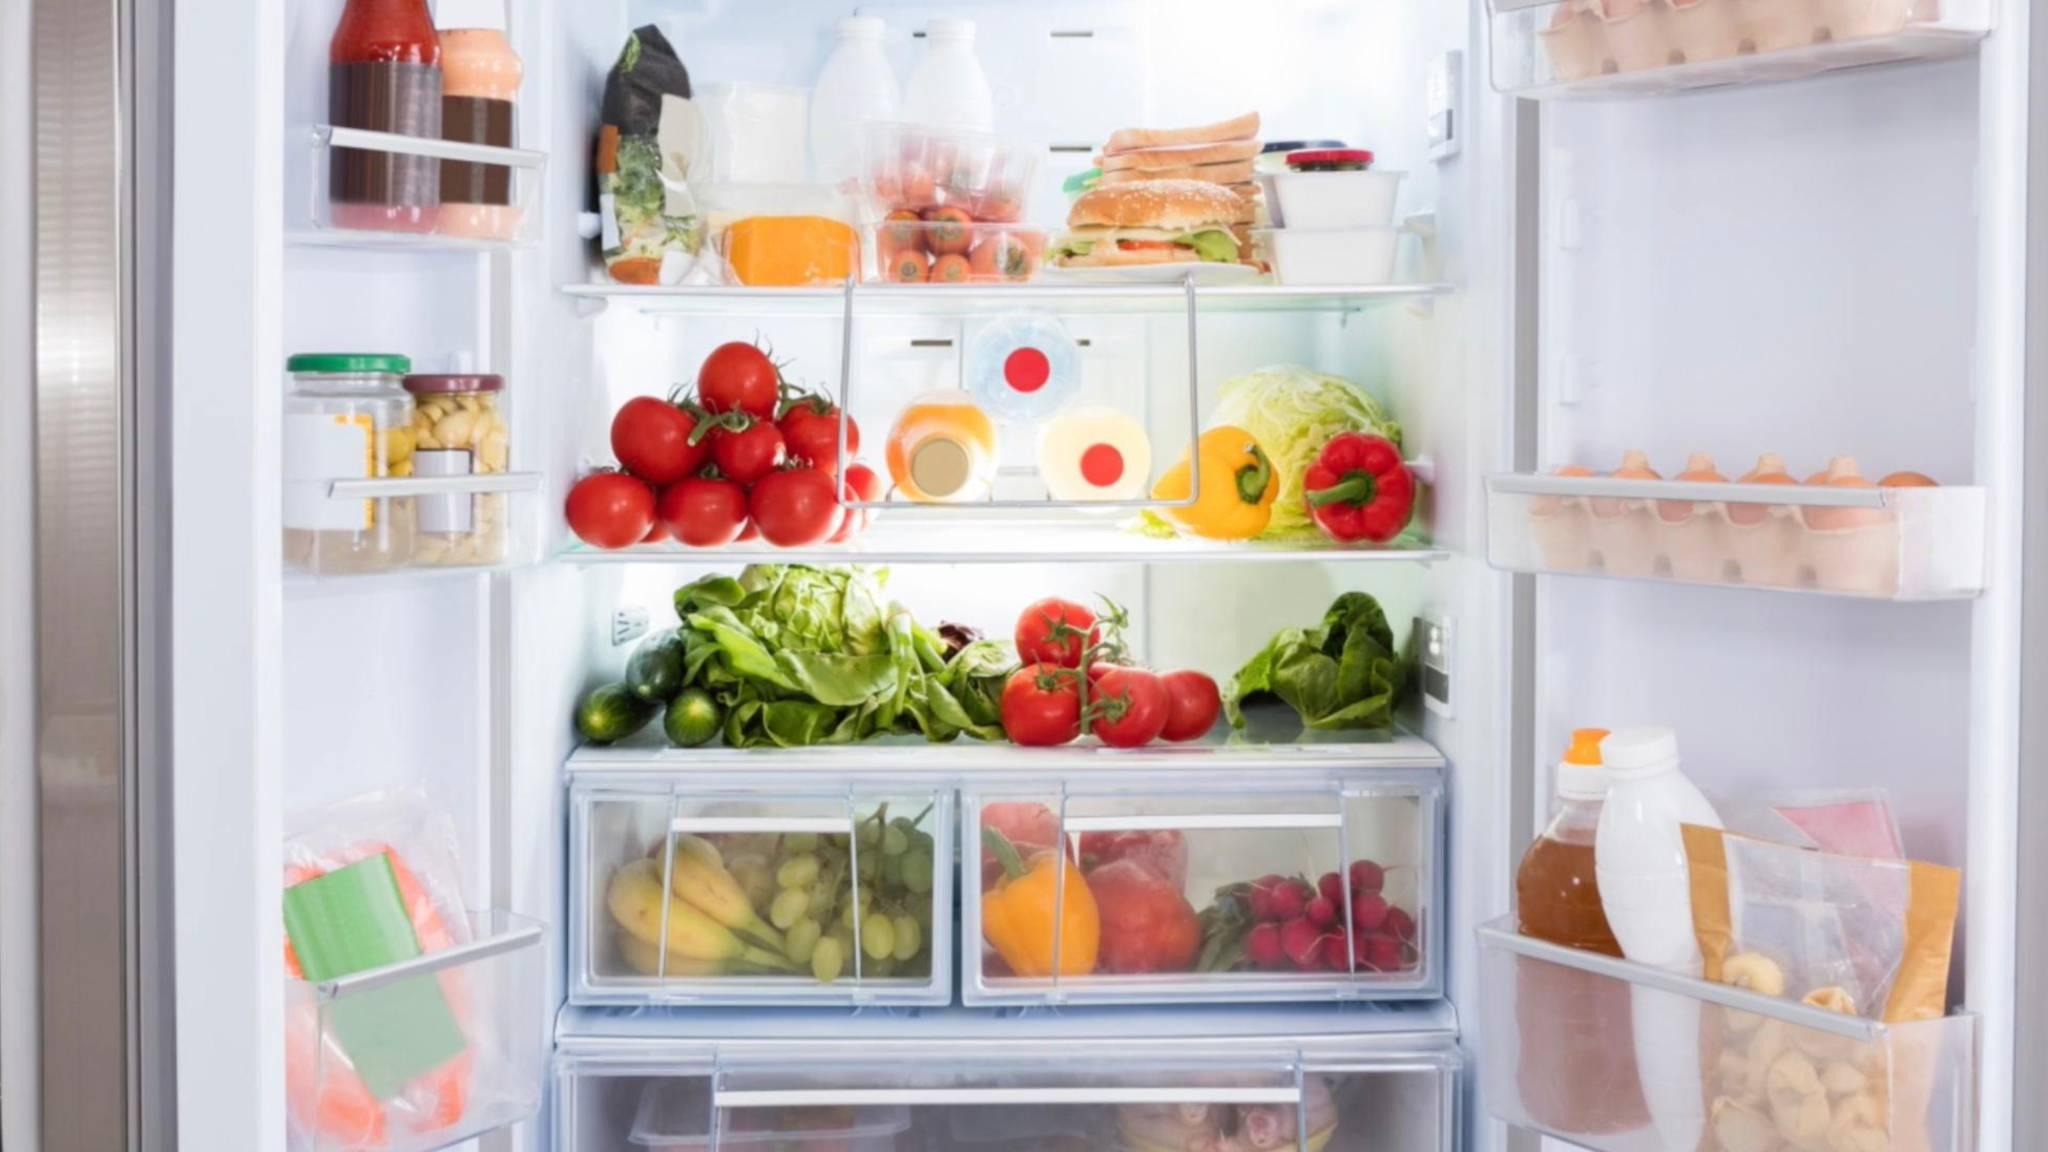 Kühlschrank Im Auto Lagern : Kühlschrank: so lagern sie lebensmittel am richtigen platz stern.de